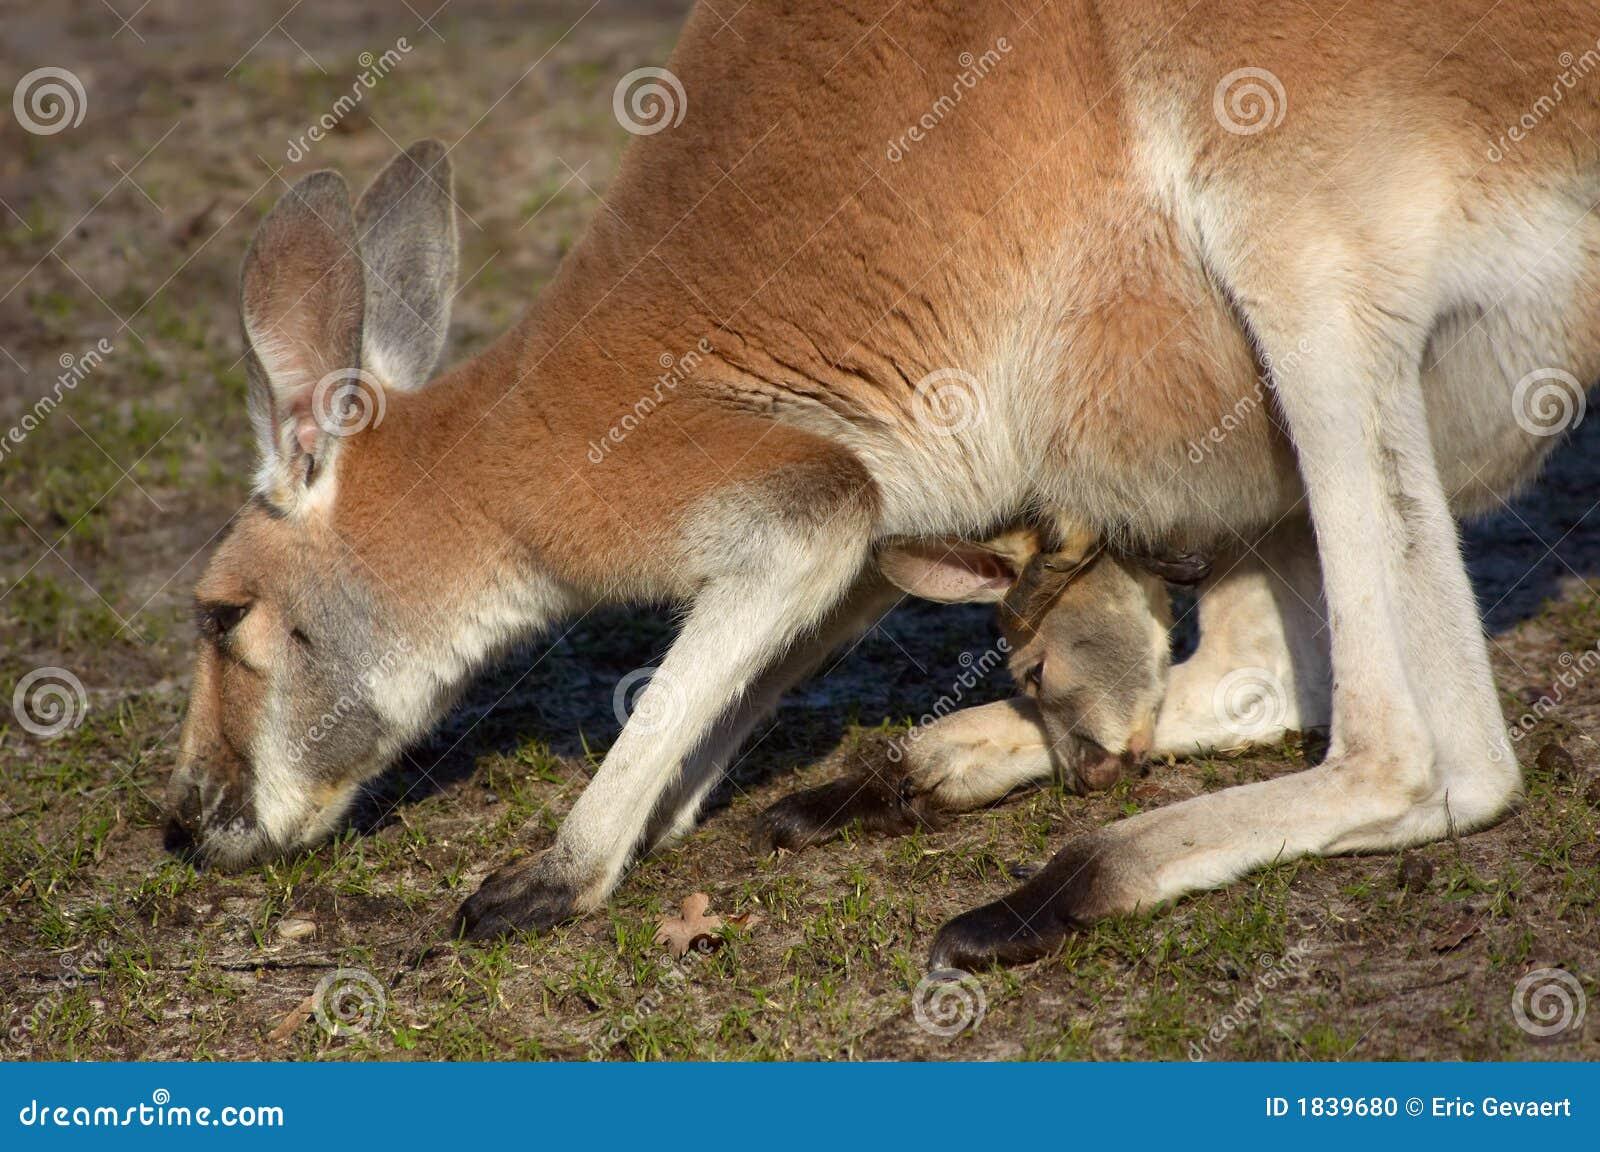 mama and baby kangaroo - photo #20